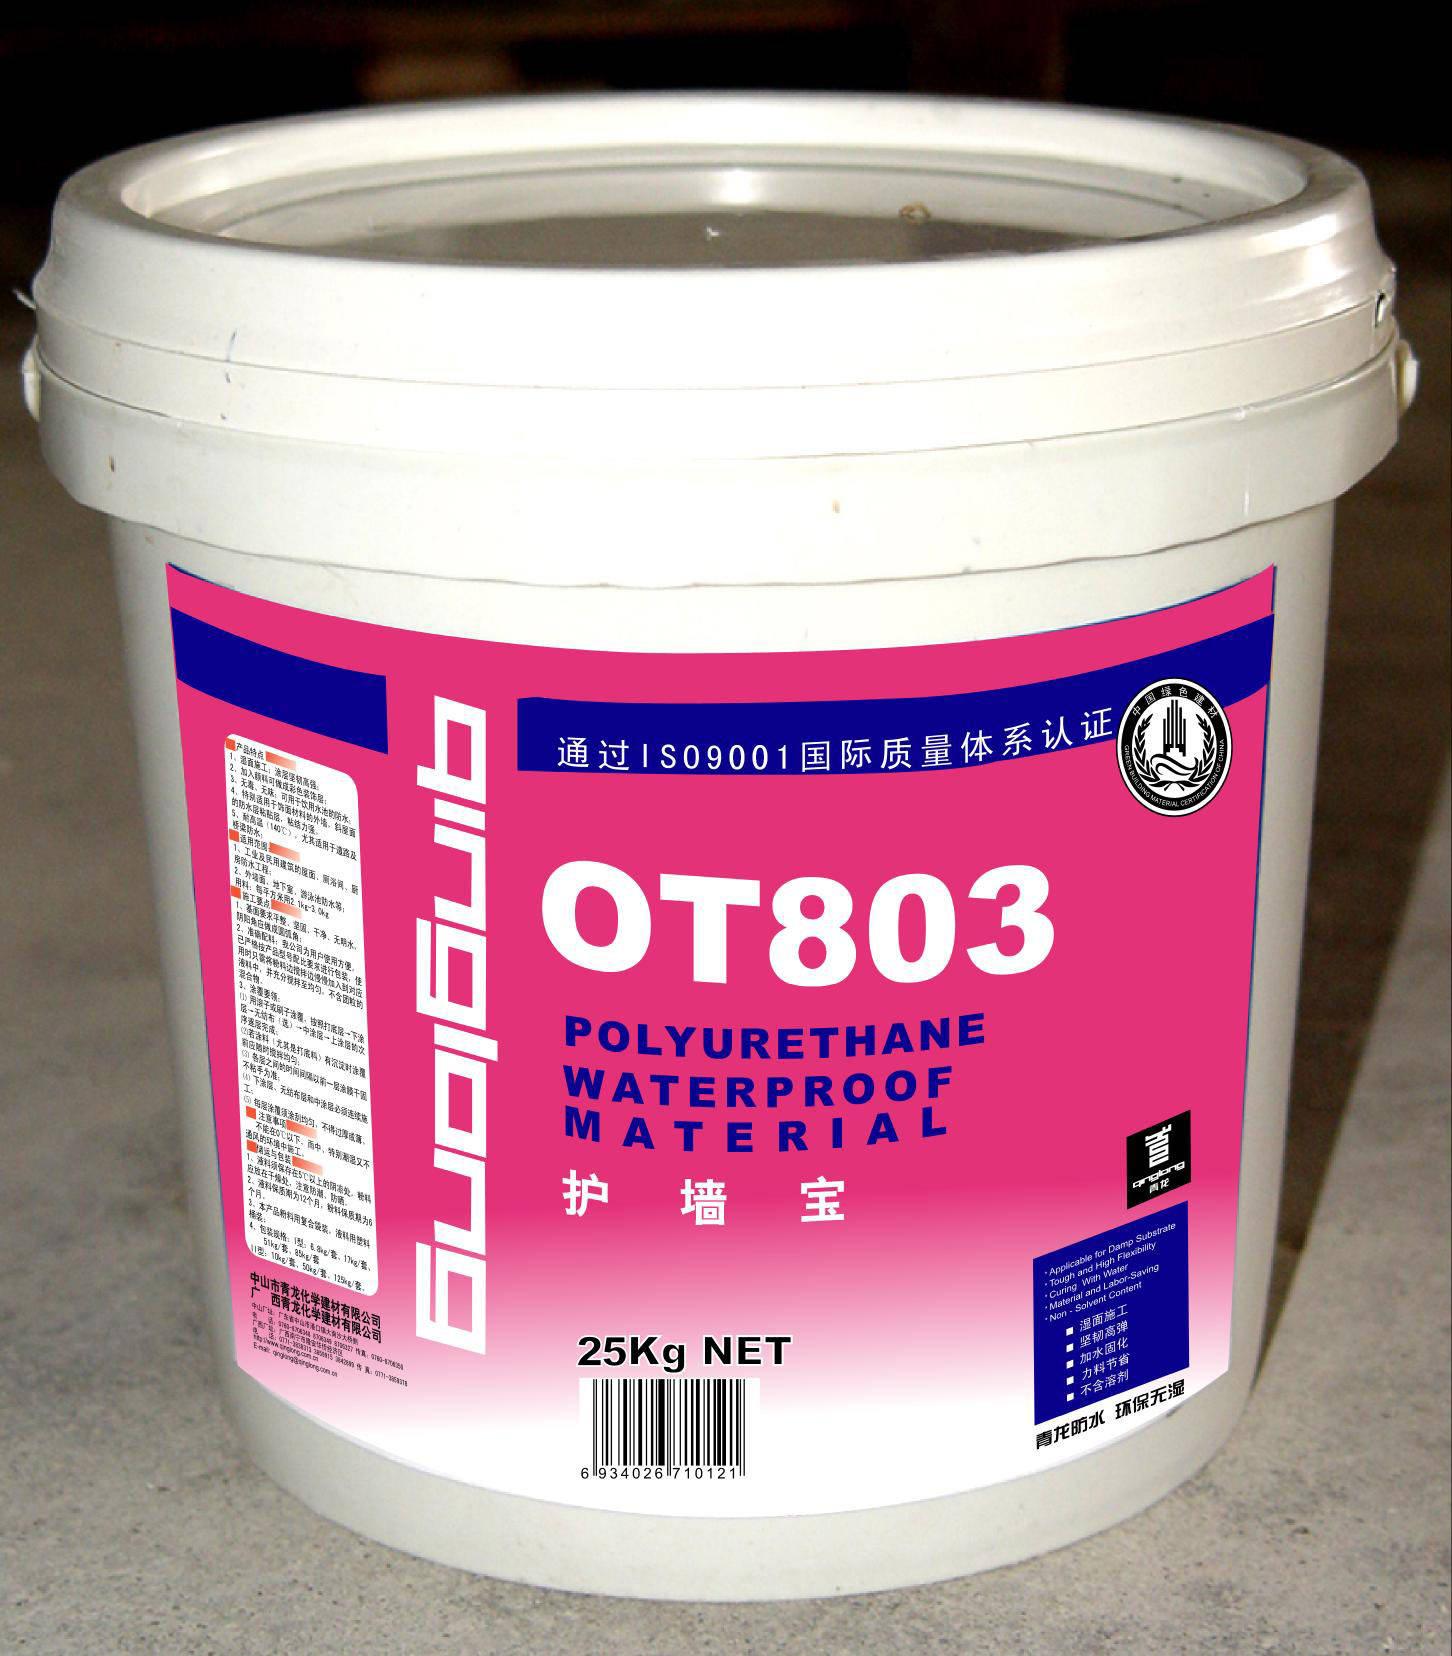 2,包装规格:  用带盖的塑料罐密封包装:10kg/桶.